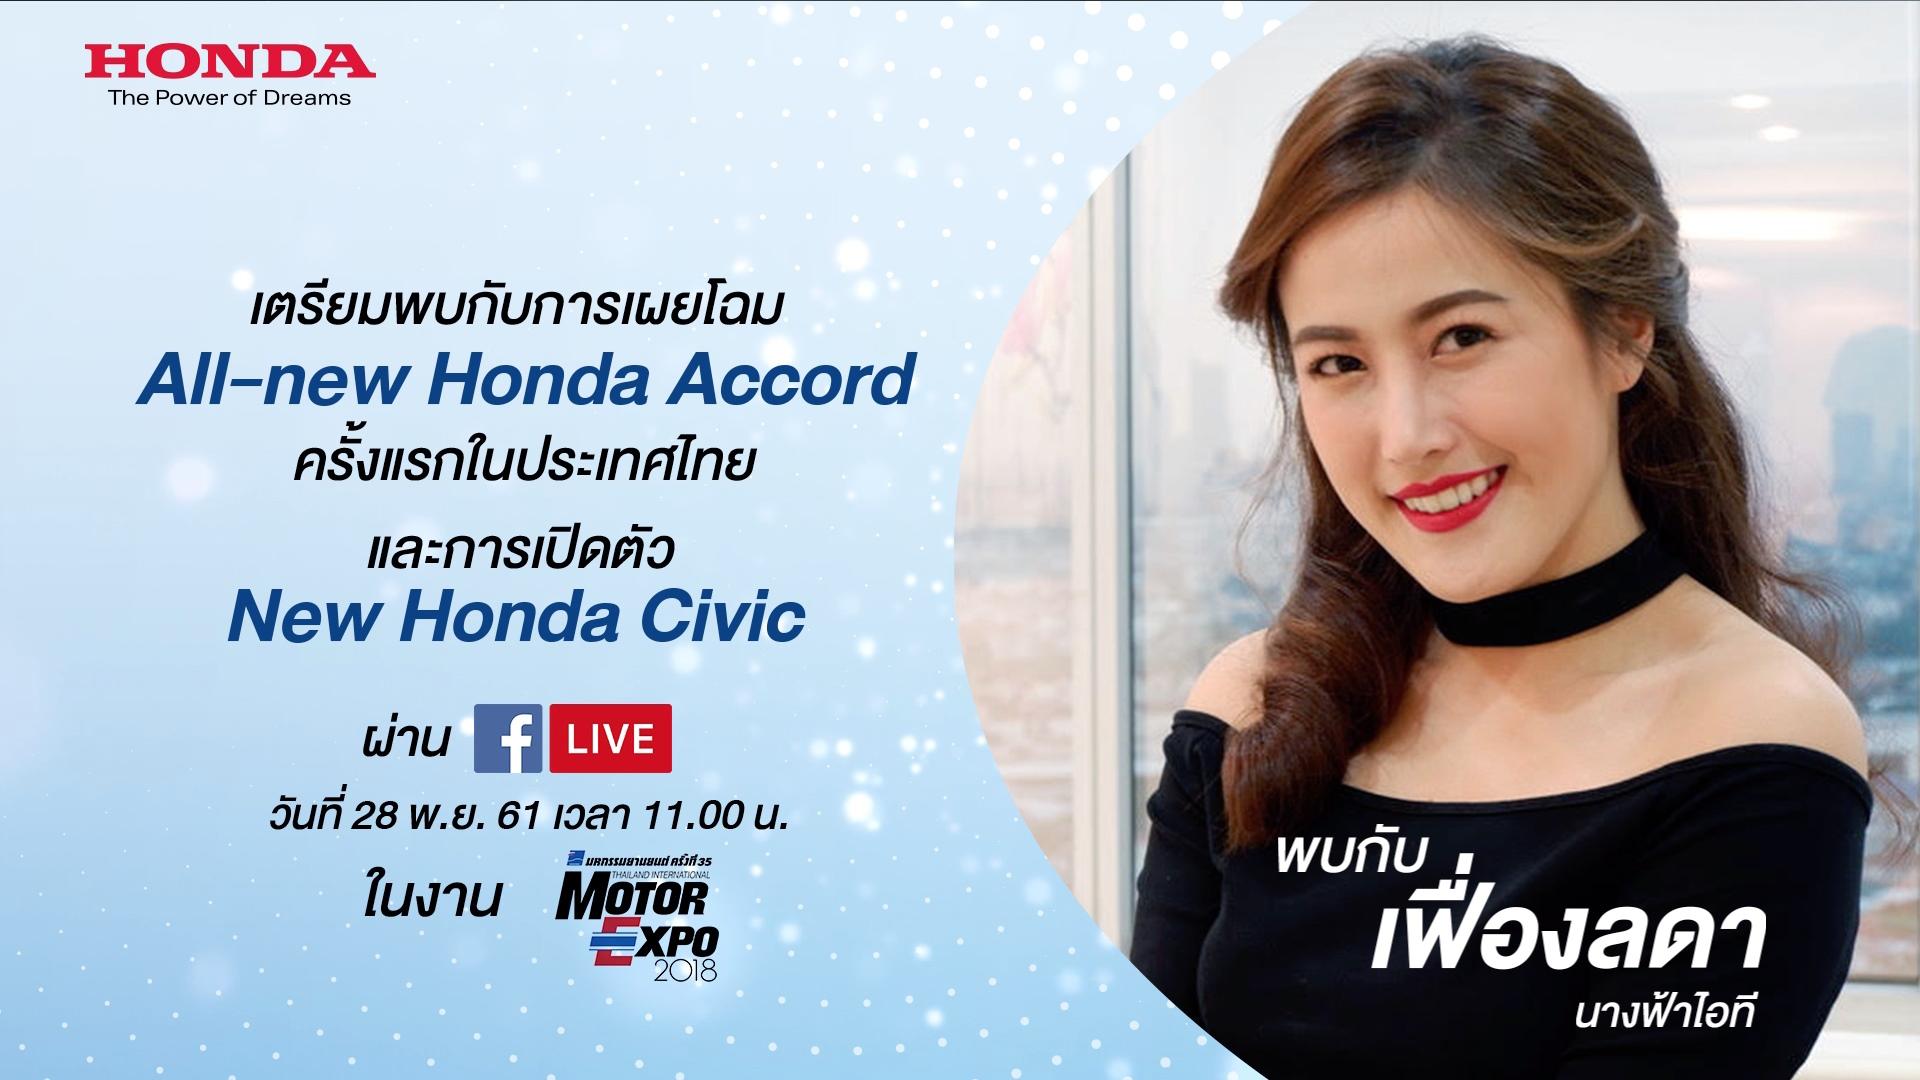 ชมย้อนหลัง Honda Press Conference - Motor Expo 2018